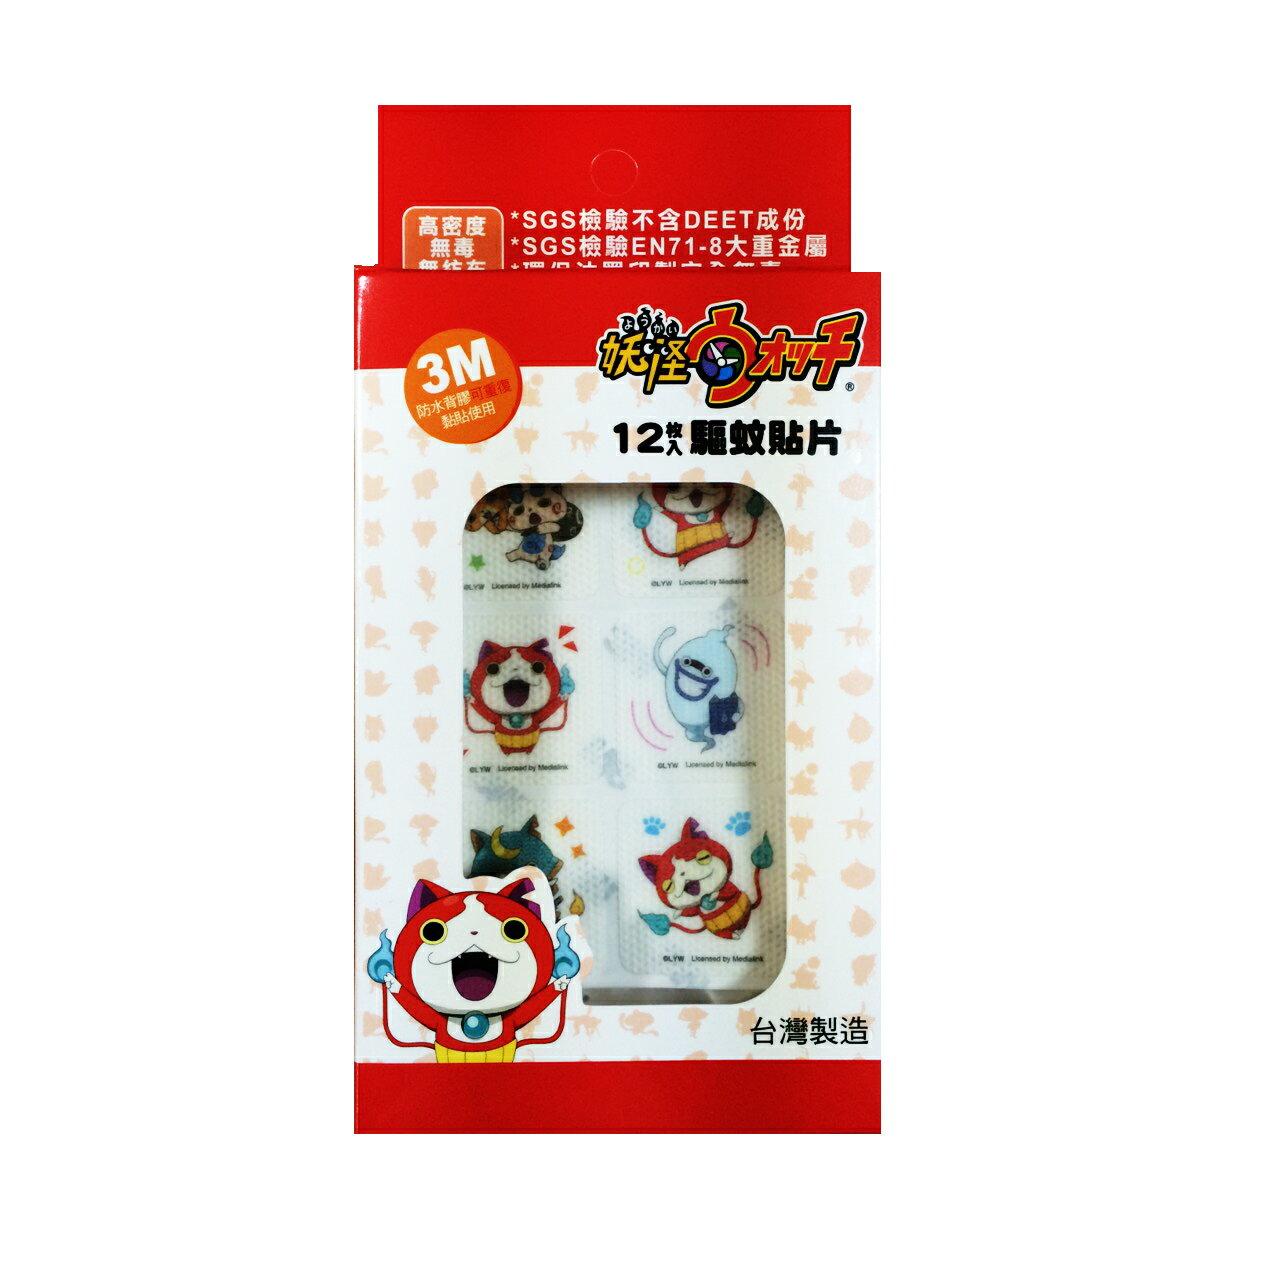 妖怪手錶驅蚊貼片(台灣製)-12枚入 - 限時優惠好康折扣